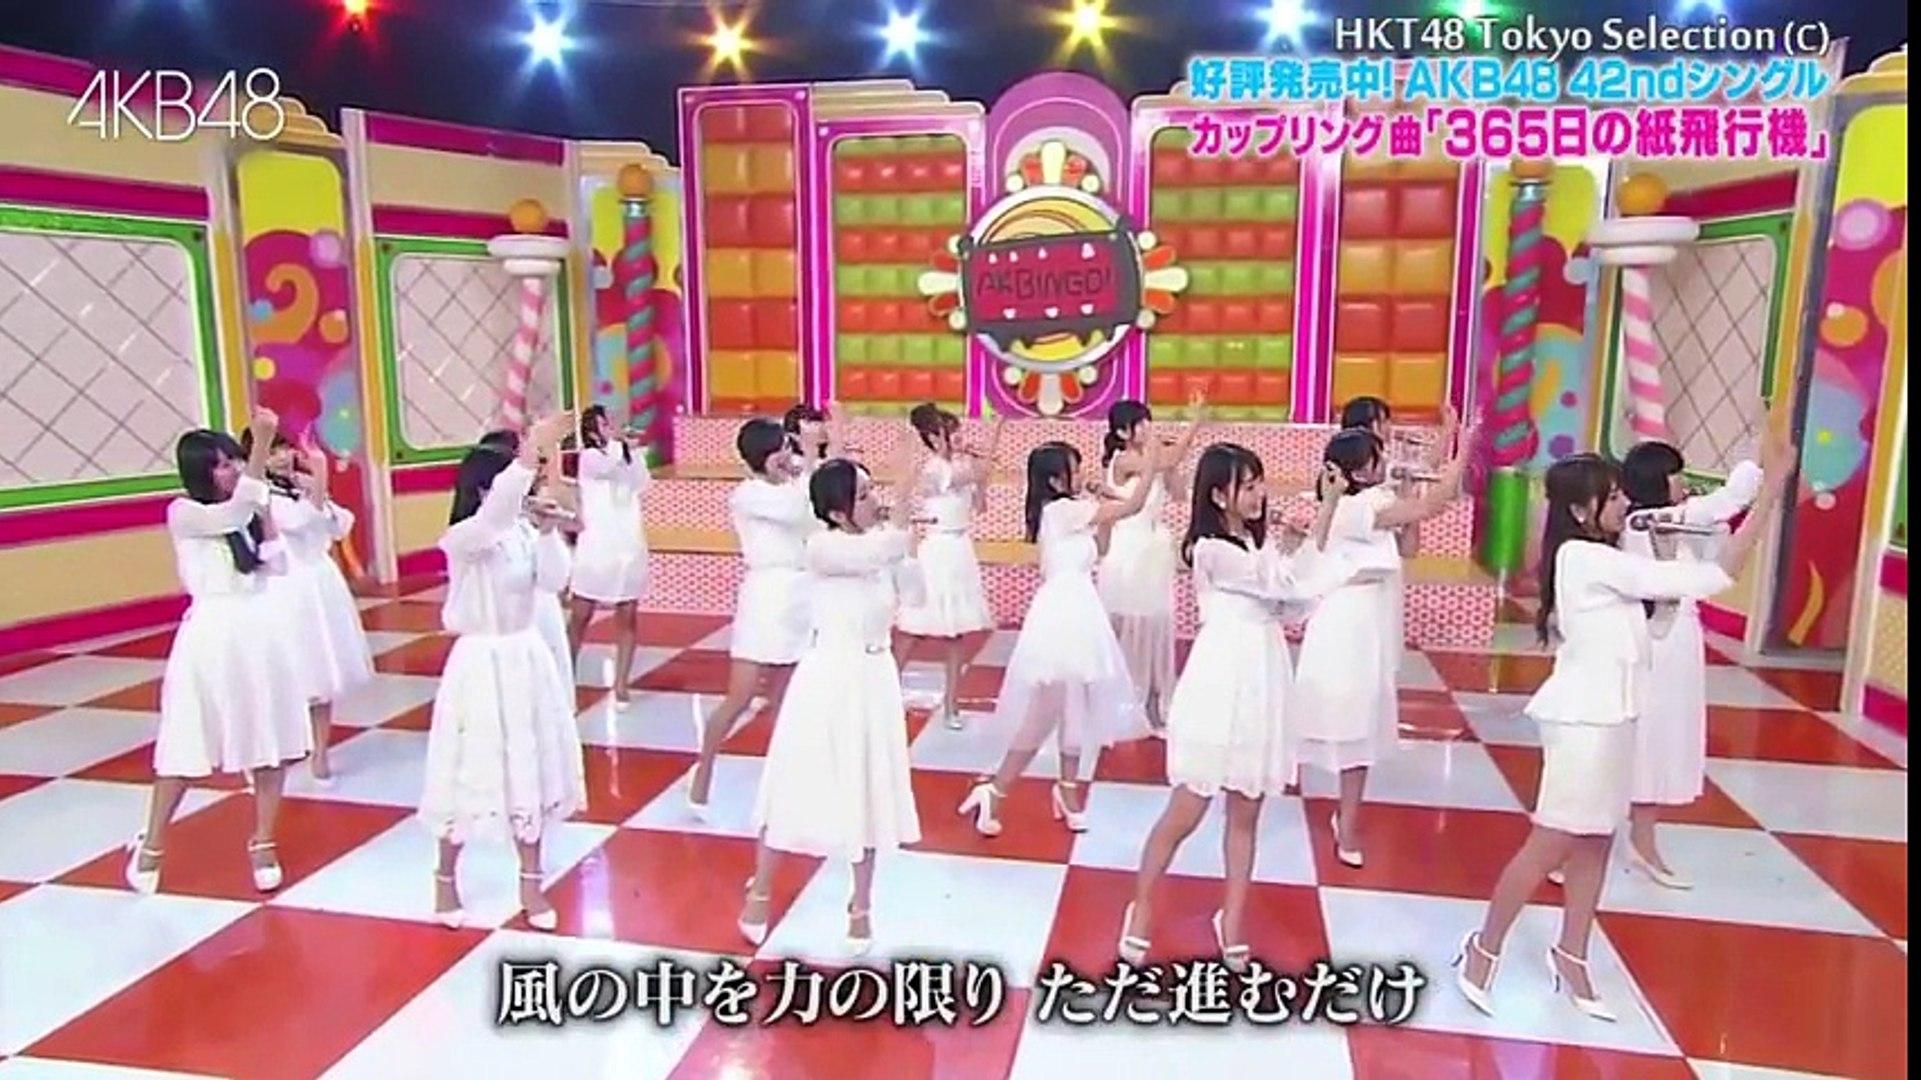 日 紙 飛行機 の 365 AKB48「365日の紙飛行機」mp3フルのダウンロードを無料&安全に!